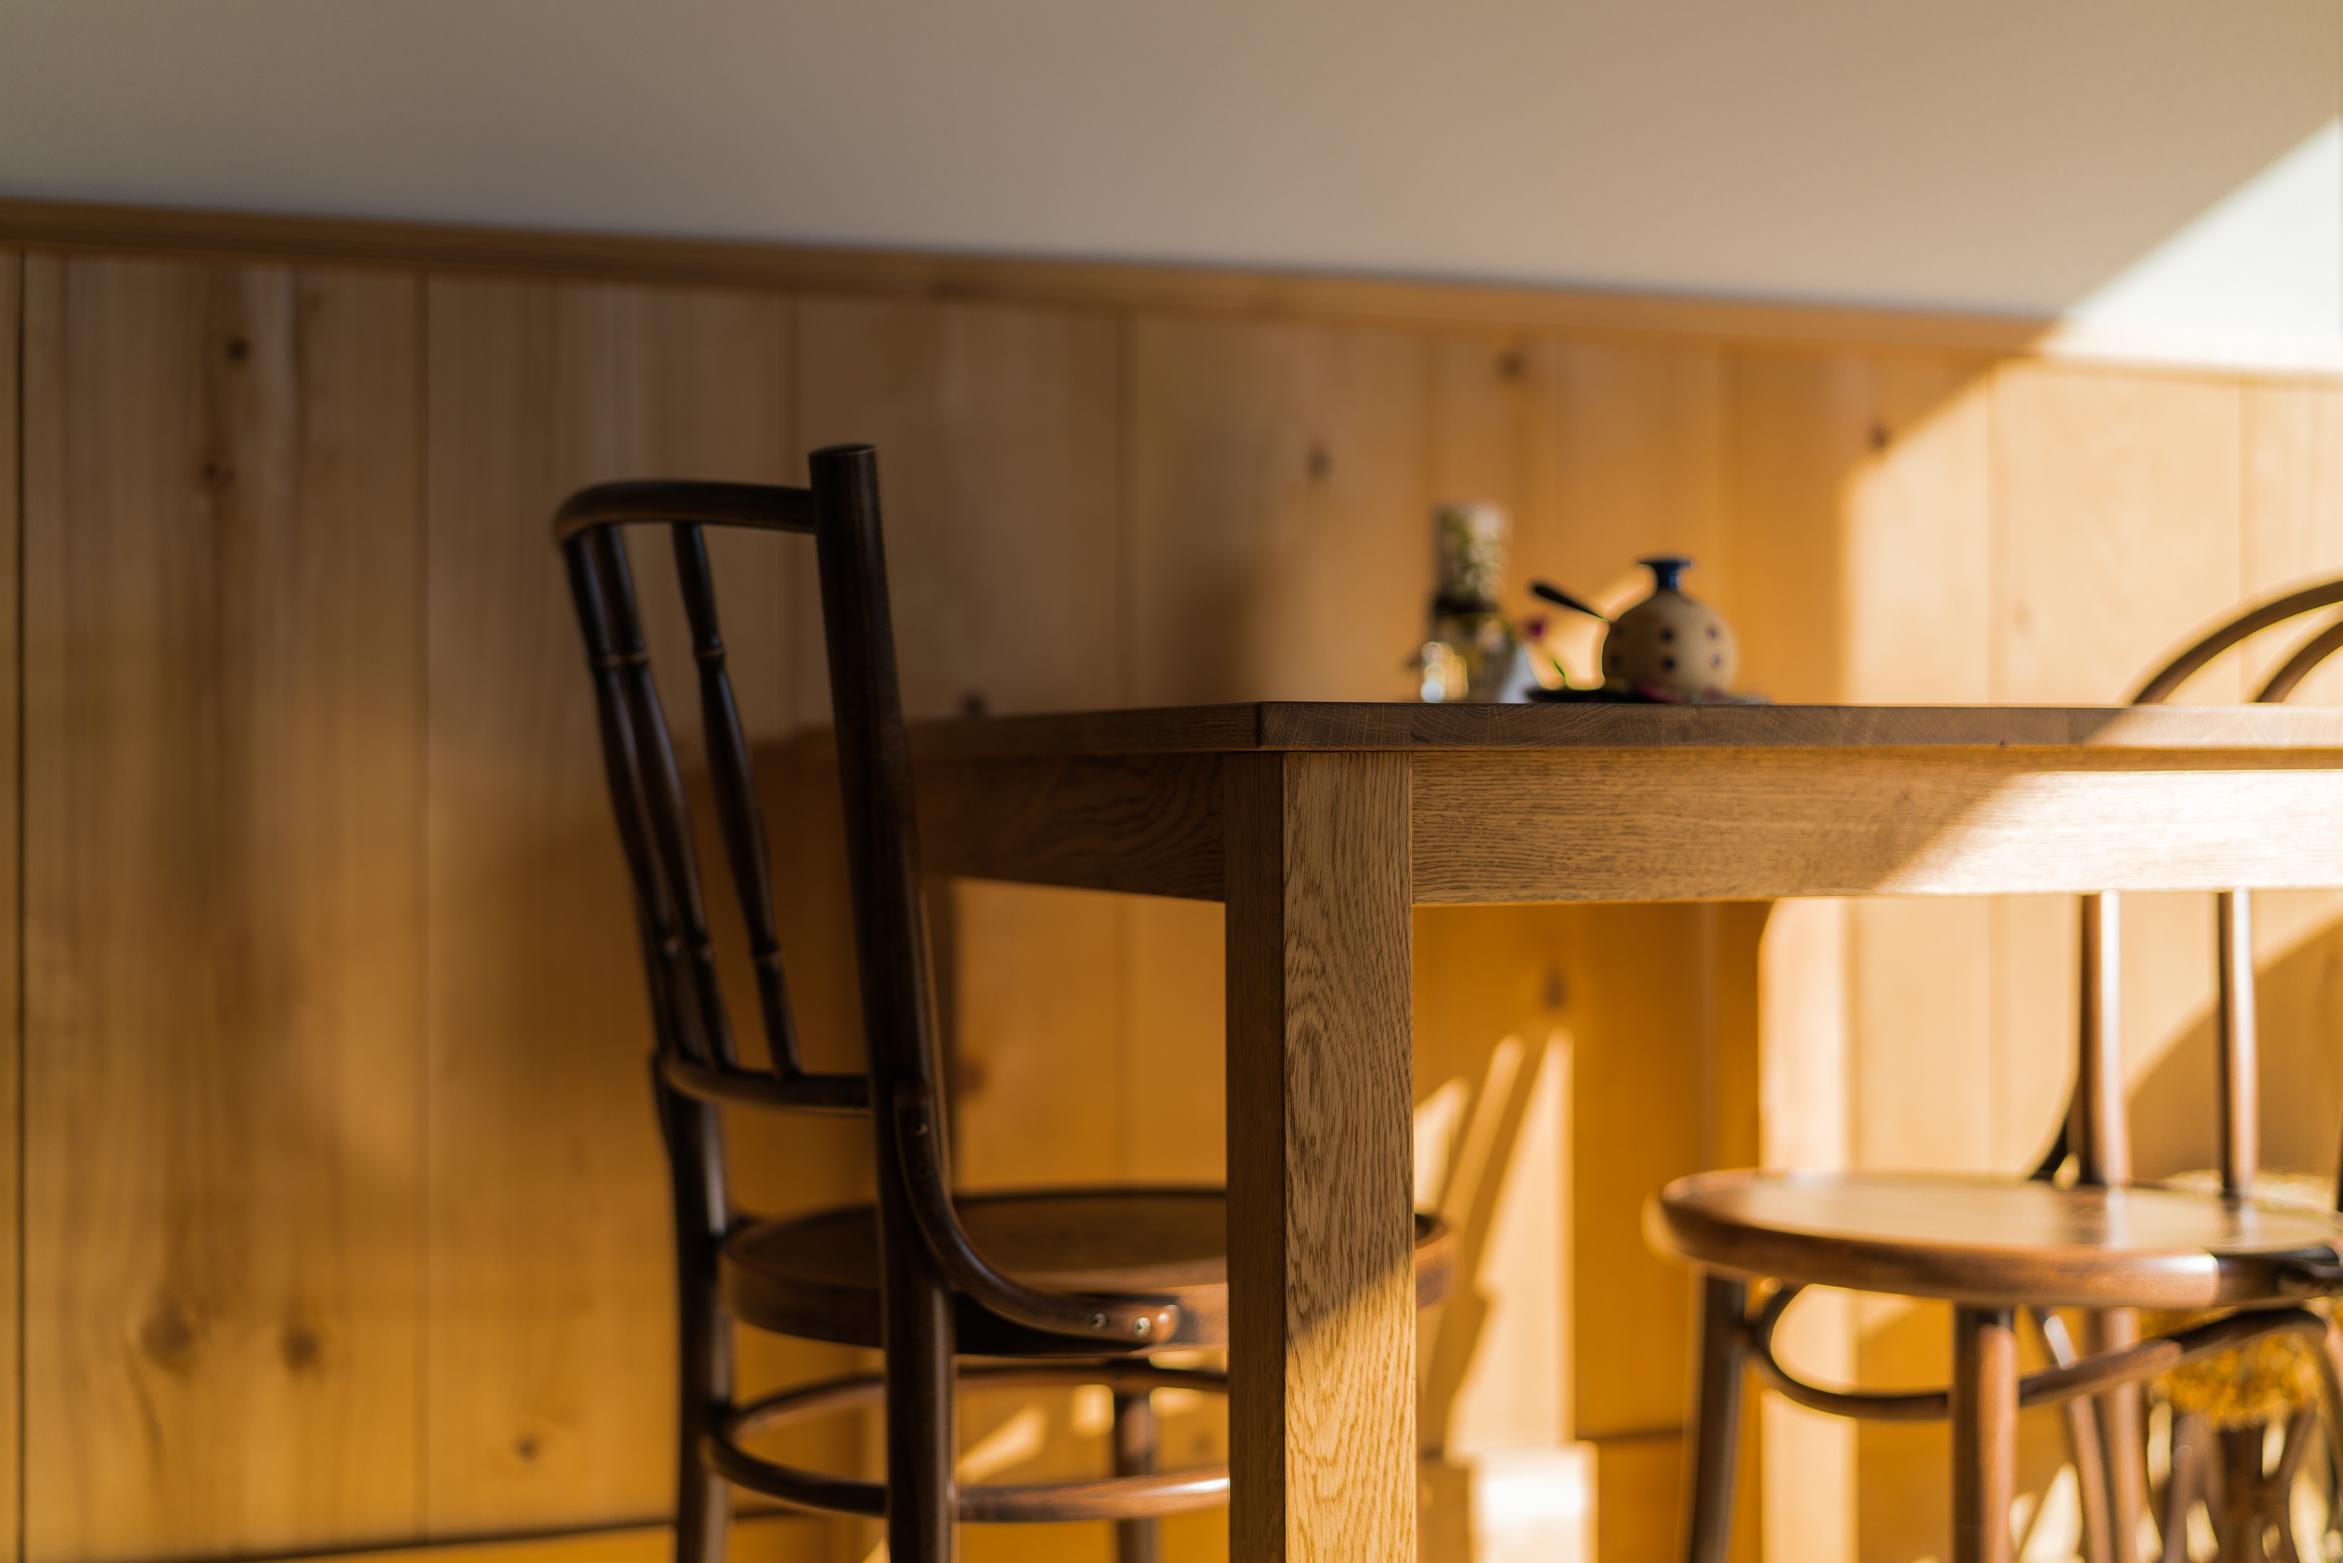 「そらカフェ」完成写真-062.jpg